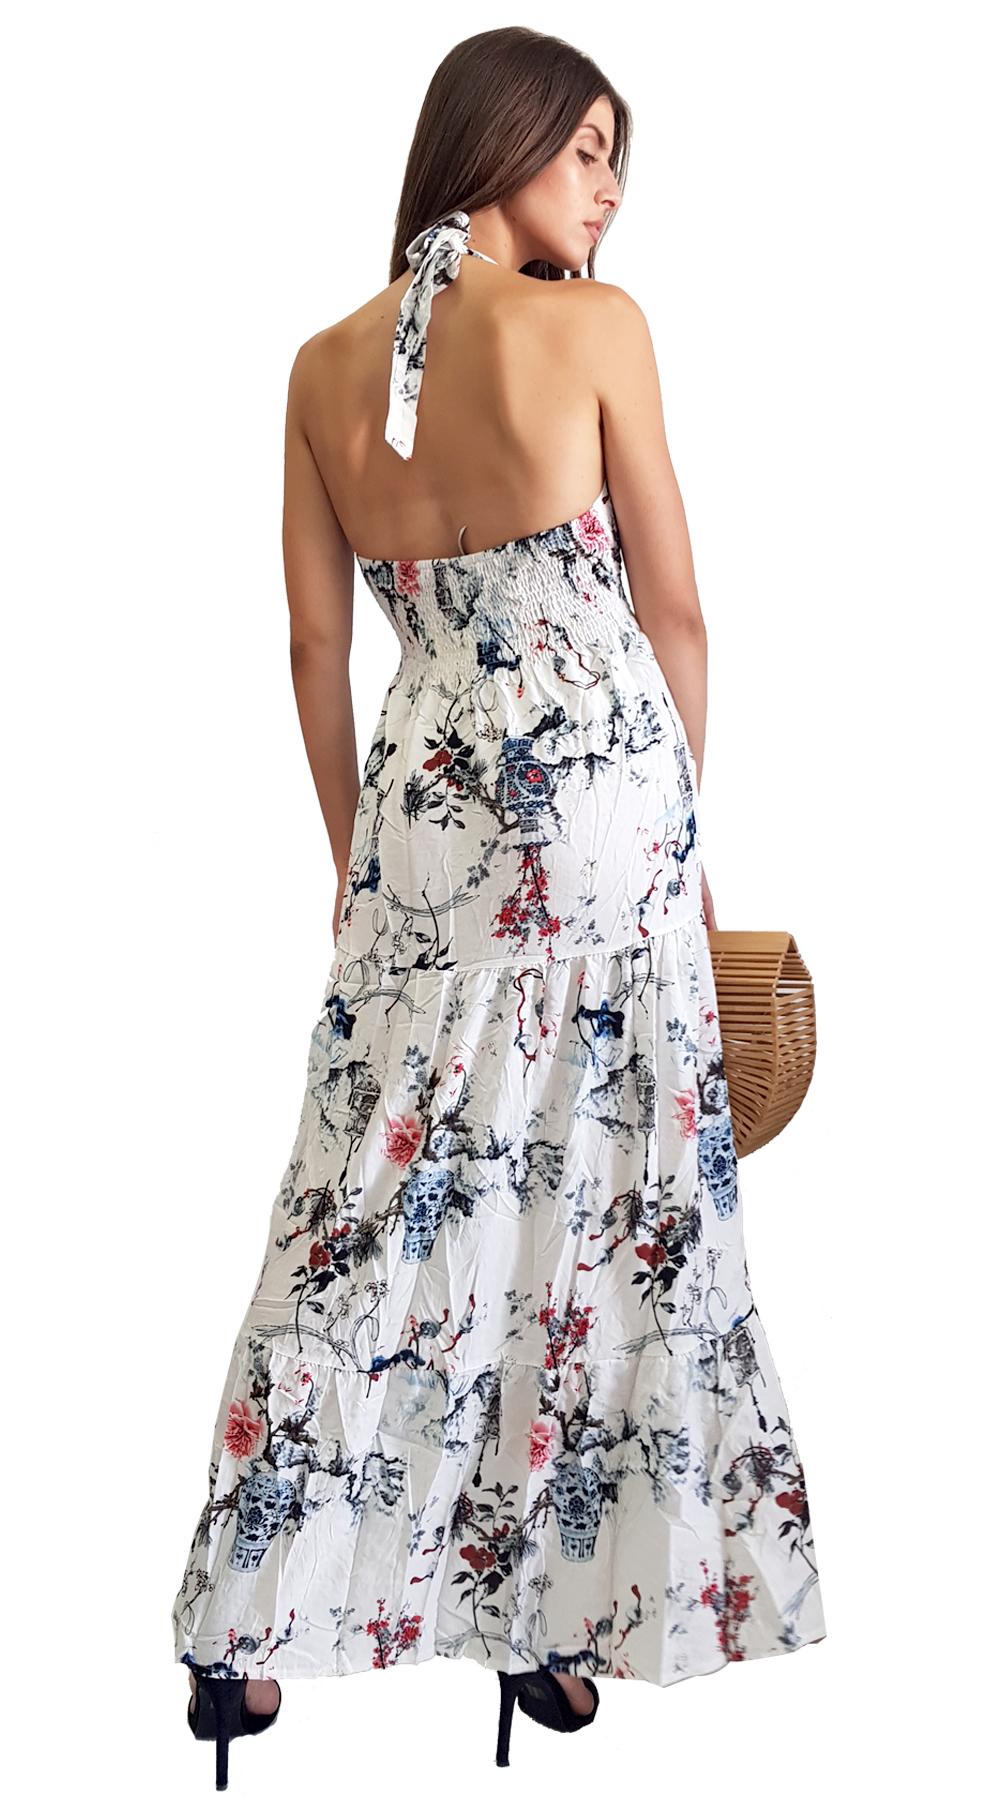 aac3fe6970b7 Μαξι φλοραλ φορεμα με εξω πλατη